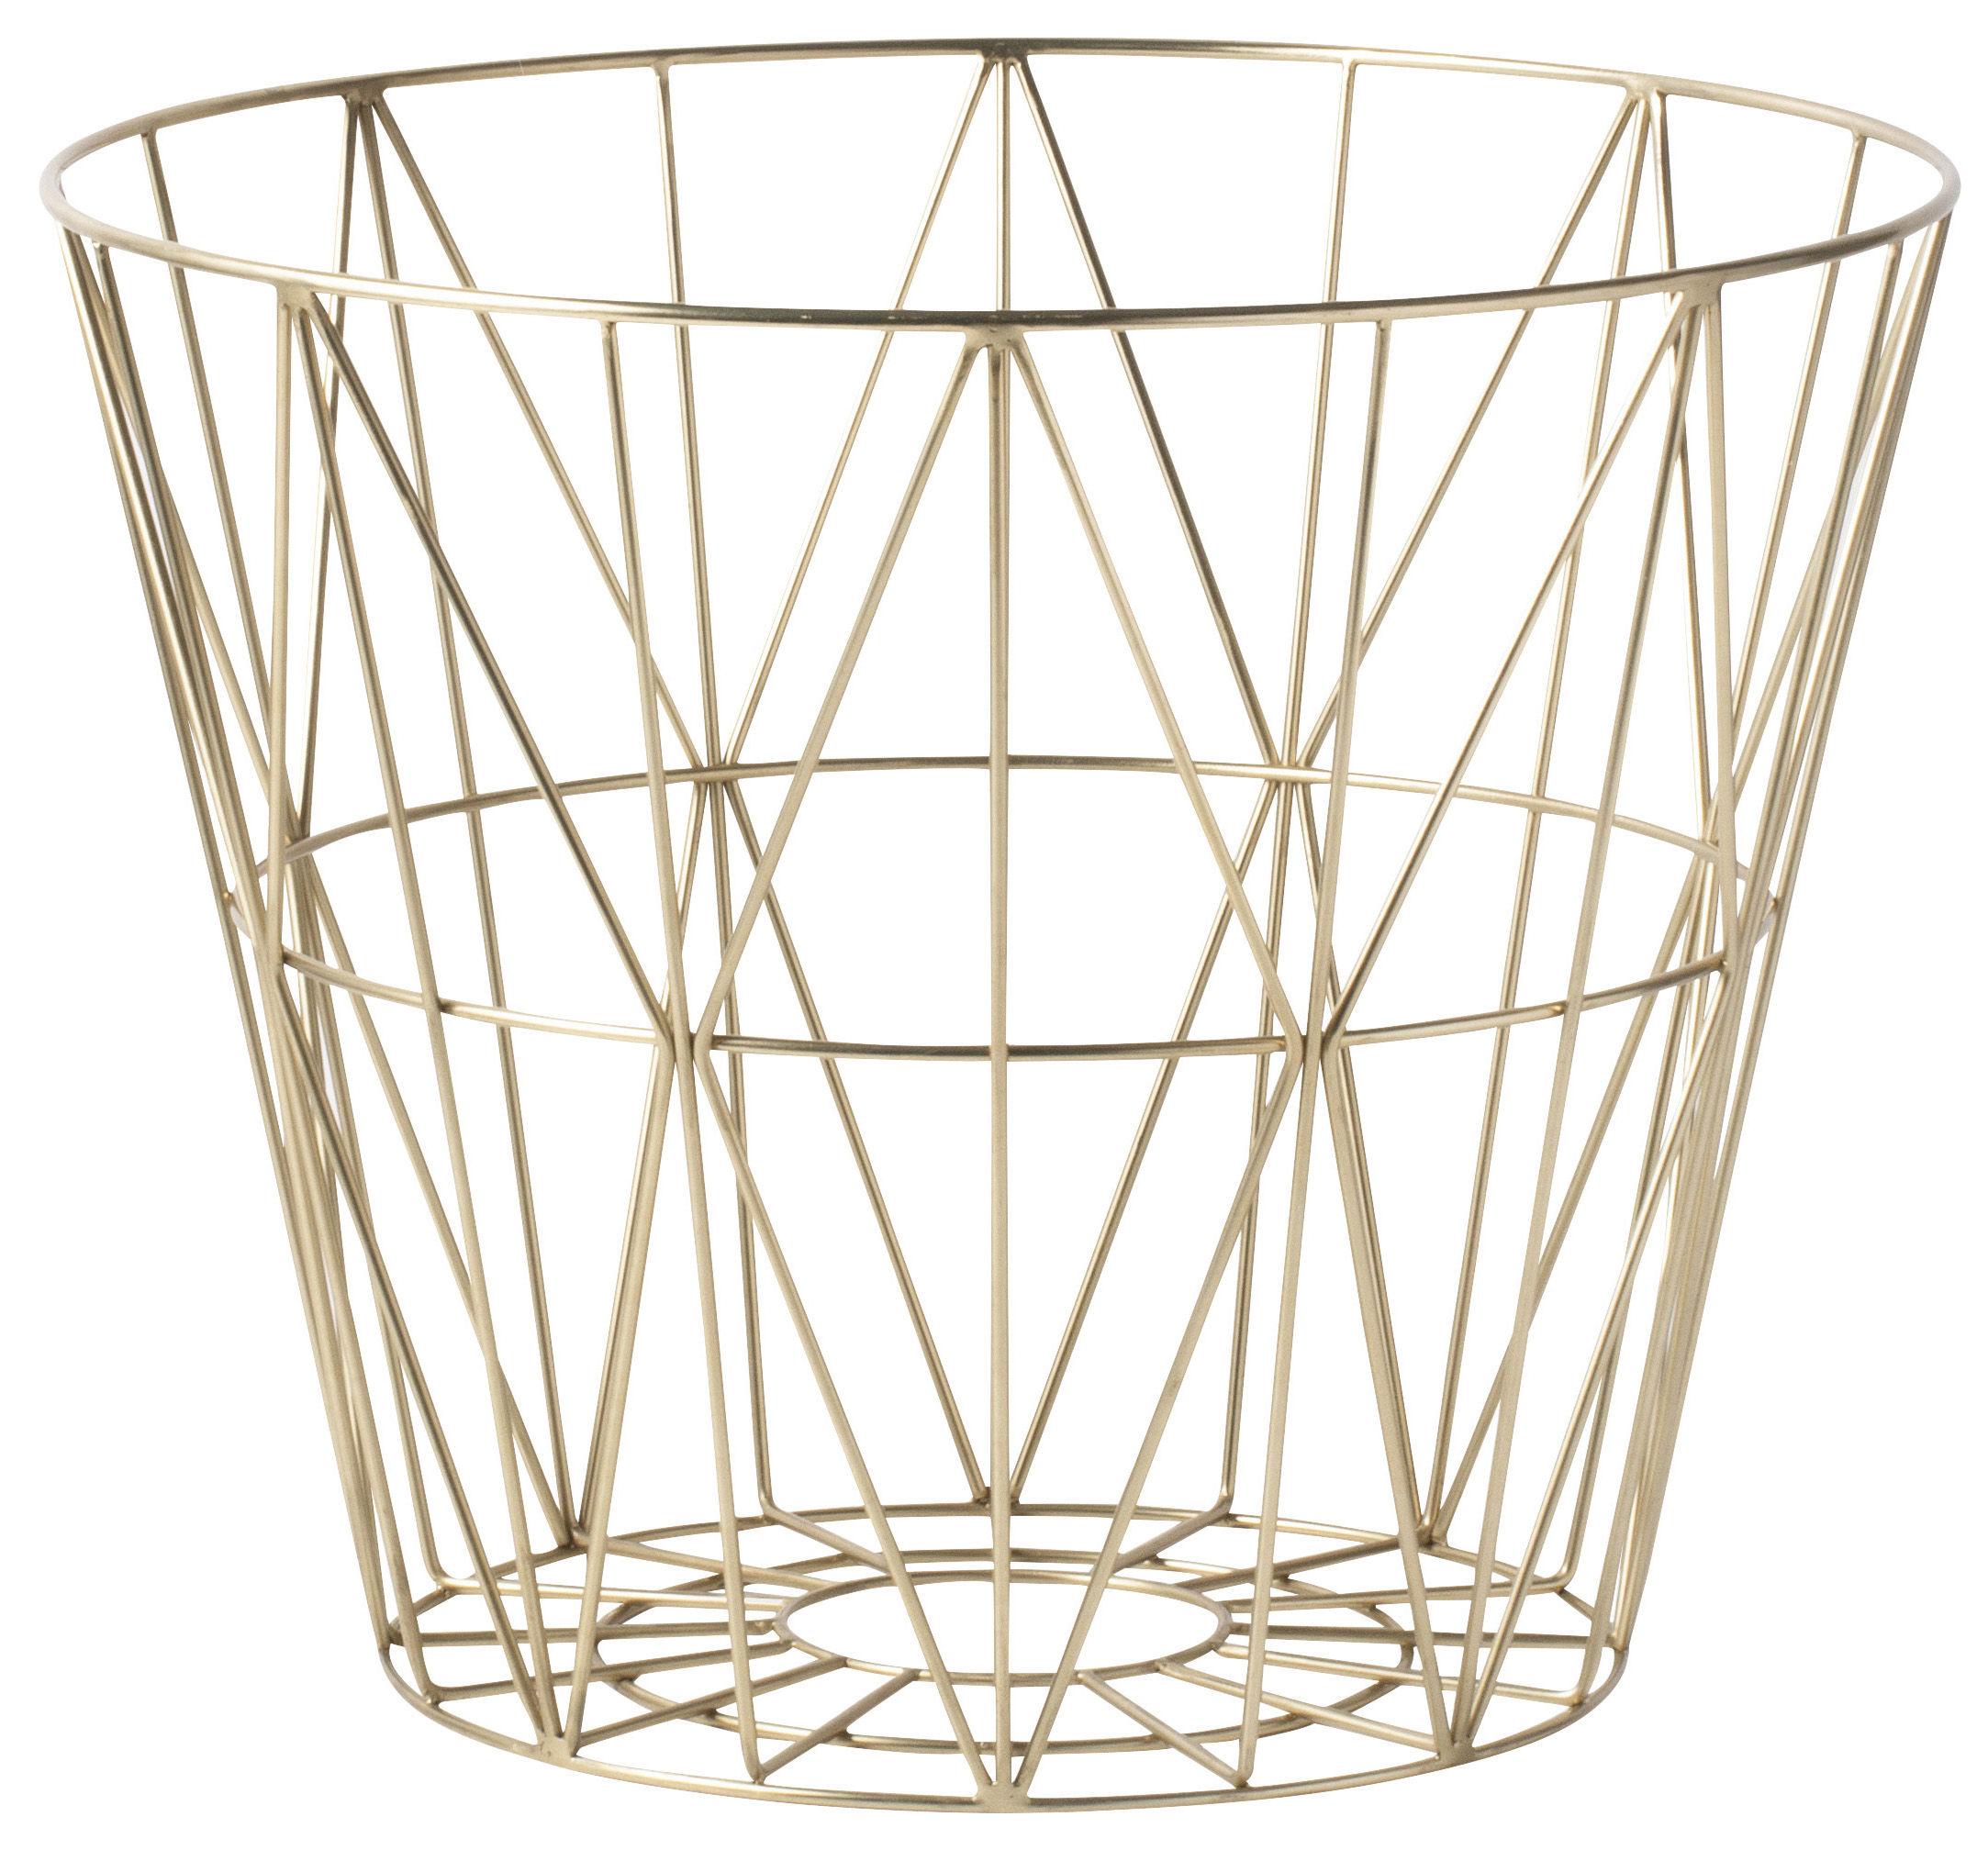 Déco - Corbeilles, centres de table, vide-poches - Corbeille Wire Large / Ø 60 x H 45 cm - Ferm Living - Laiton - Métal plaqué laiton